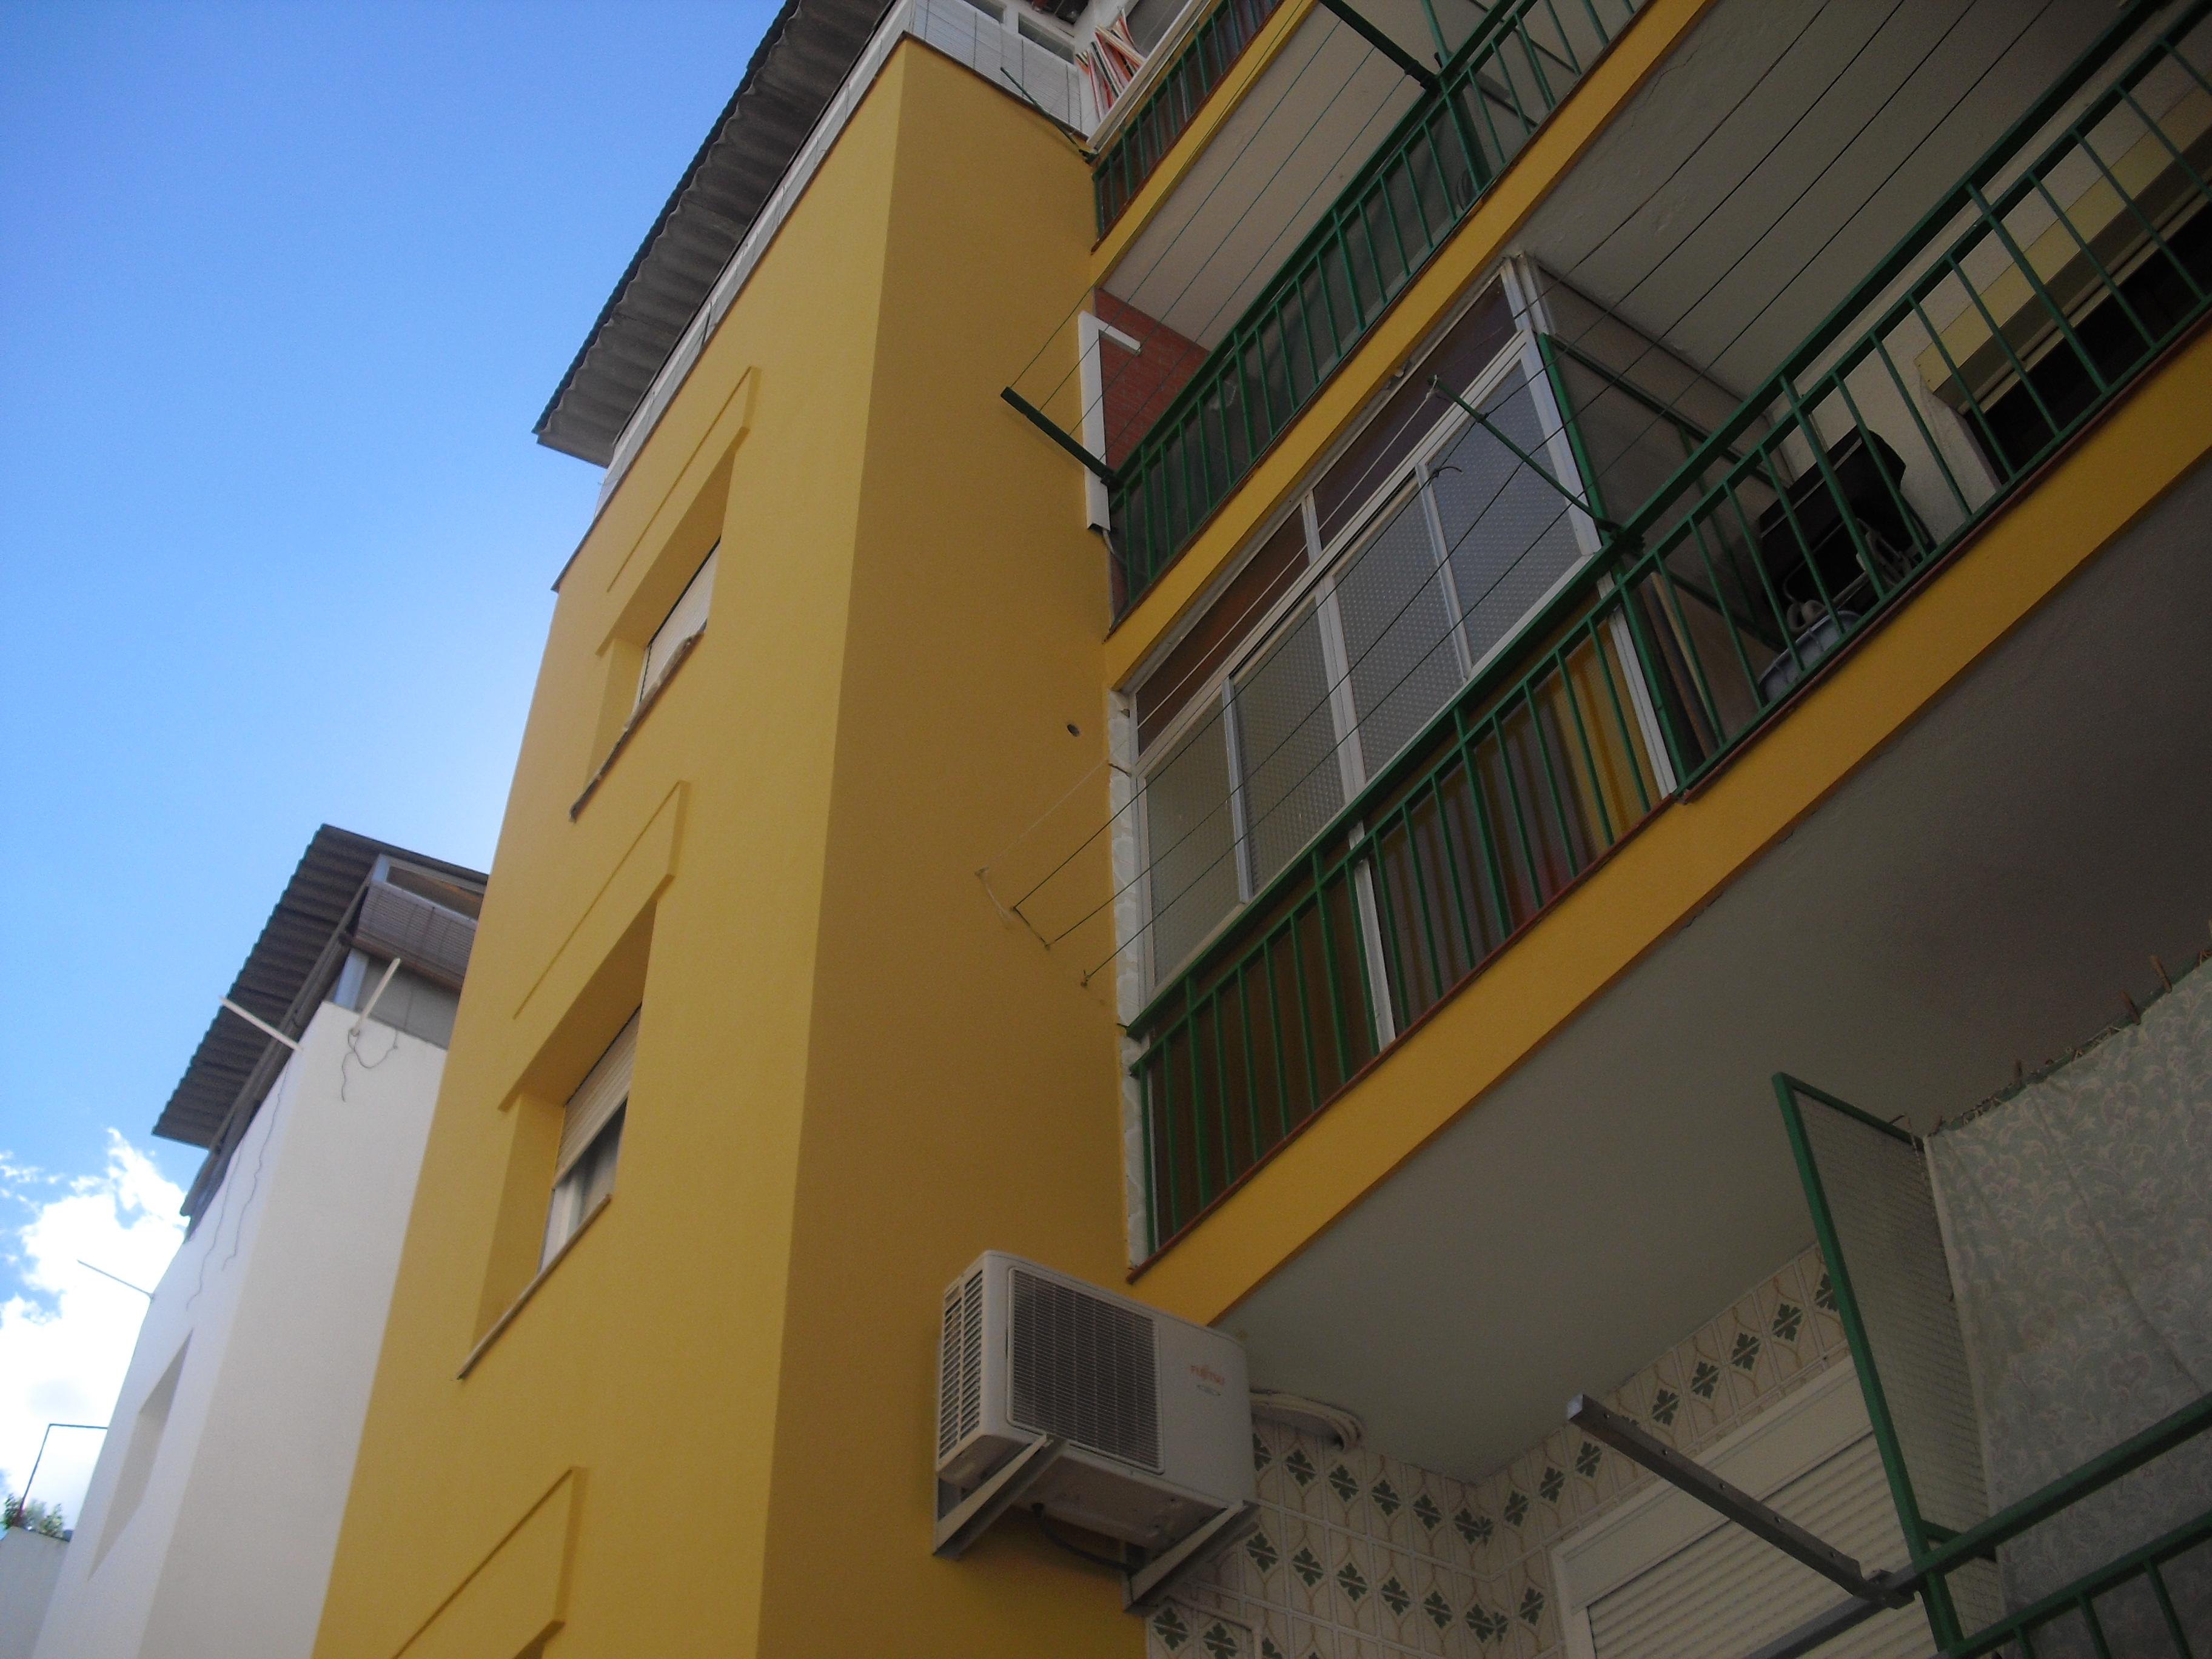 rehabilitación de fachadas en Terrasssa